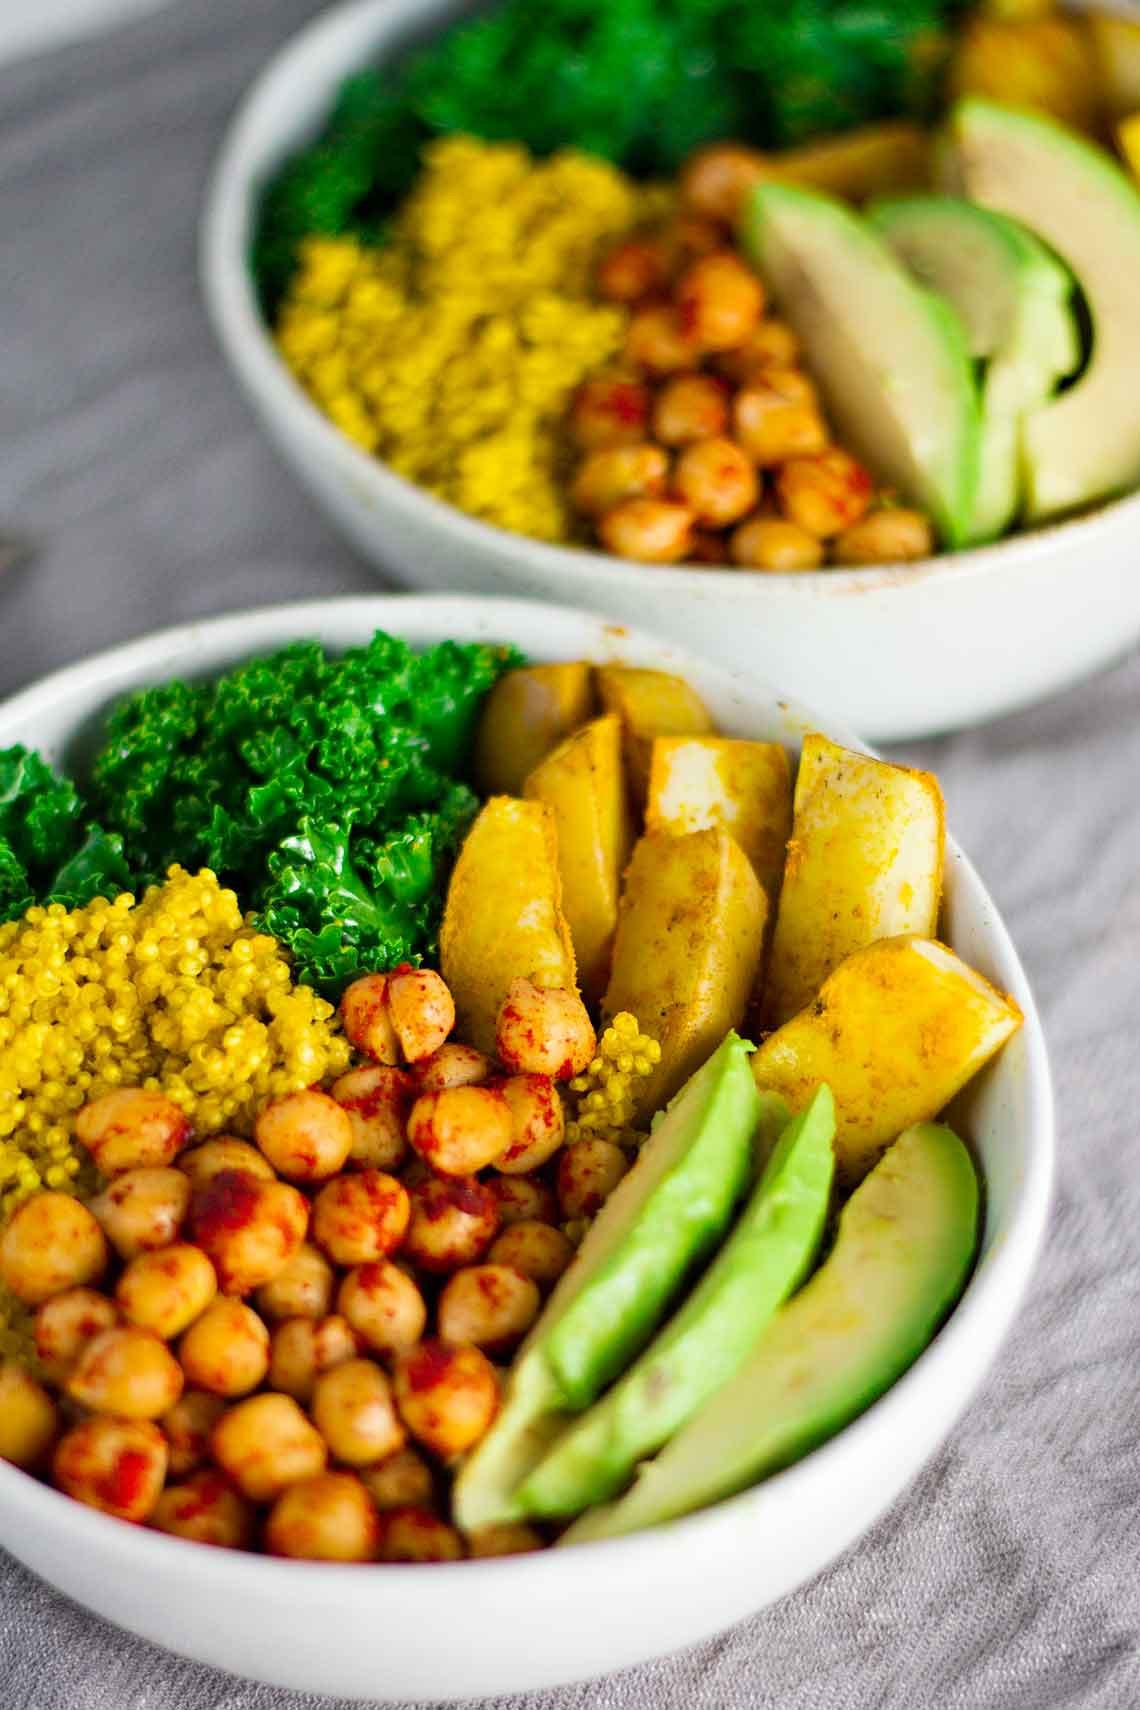 Vegan Recipes Healthy  Vegan Turmeric Quinoa Power Bowls Jar Lemons